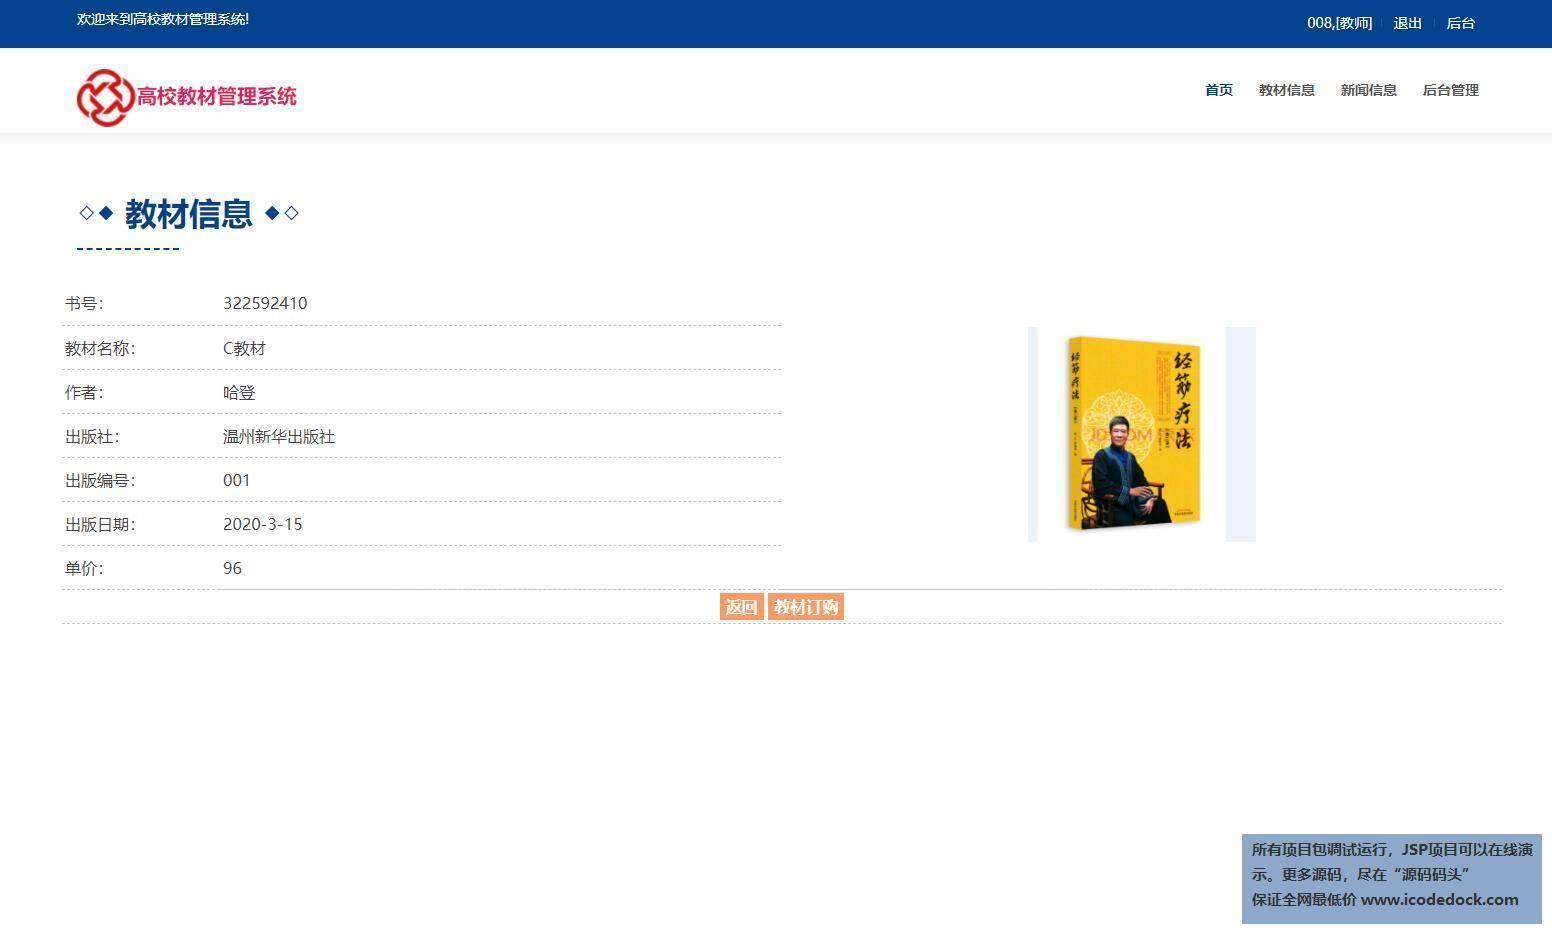 源码码头-JSP高校教材平台网站管理系统-教师角色-查看教材详情